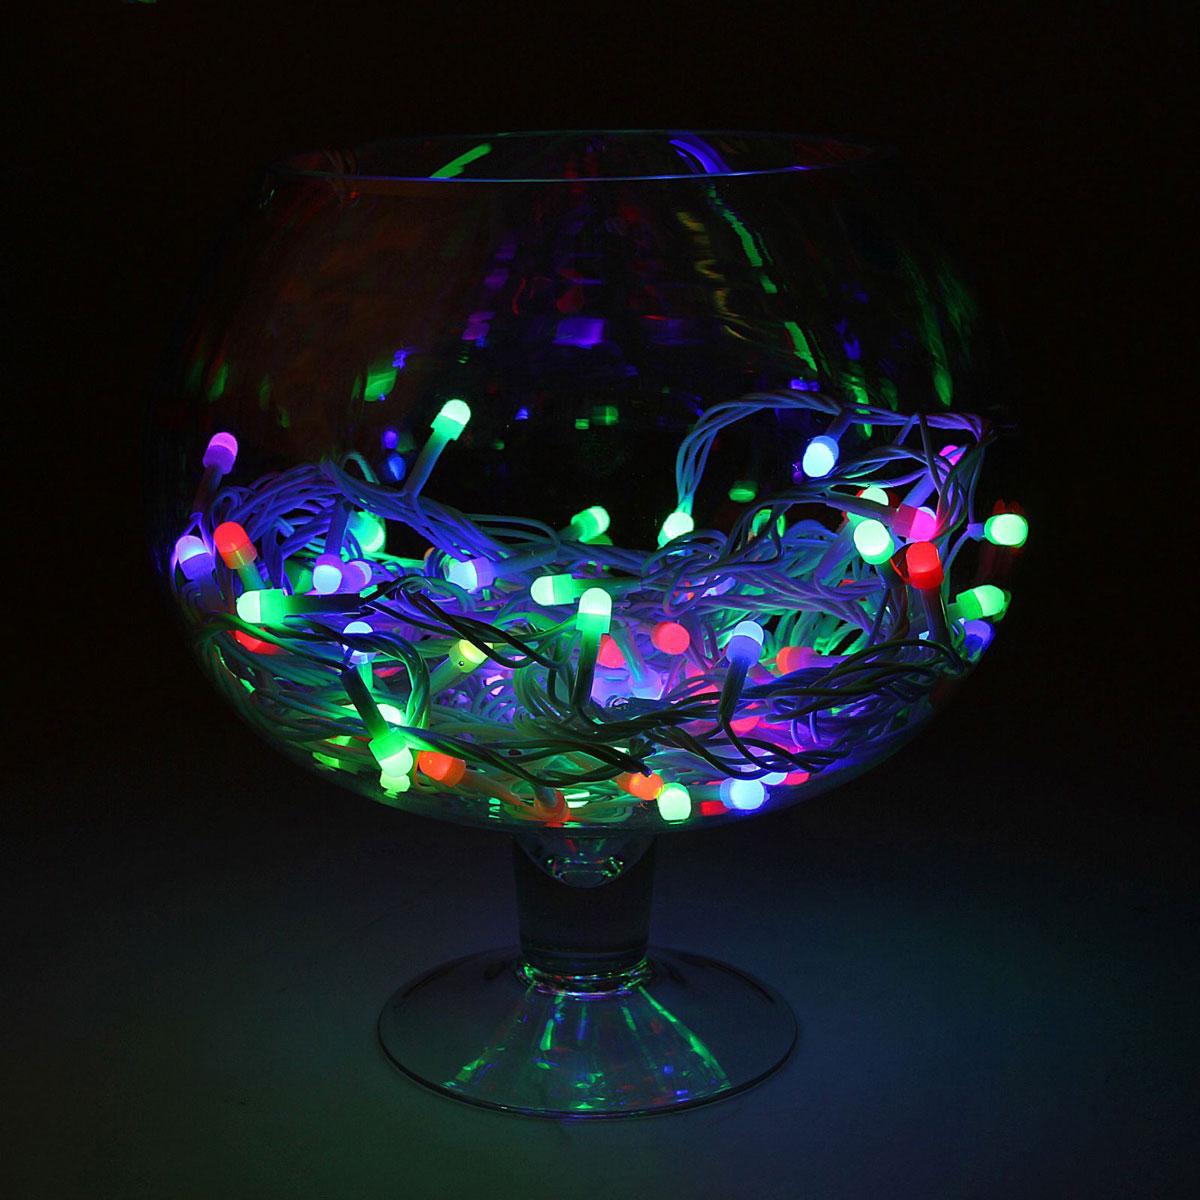 Гирлянда светодиодная Luazon Метраж, уличная, моргает, 100 ламп, 220 V, 10 м, цвет: мультиколор. 1080547